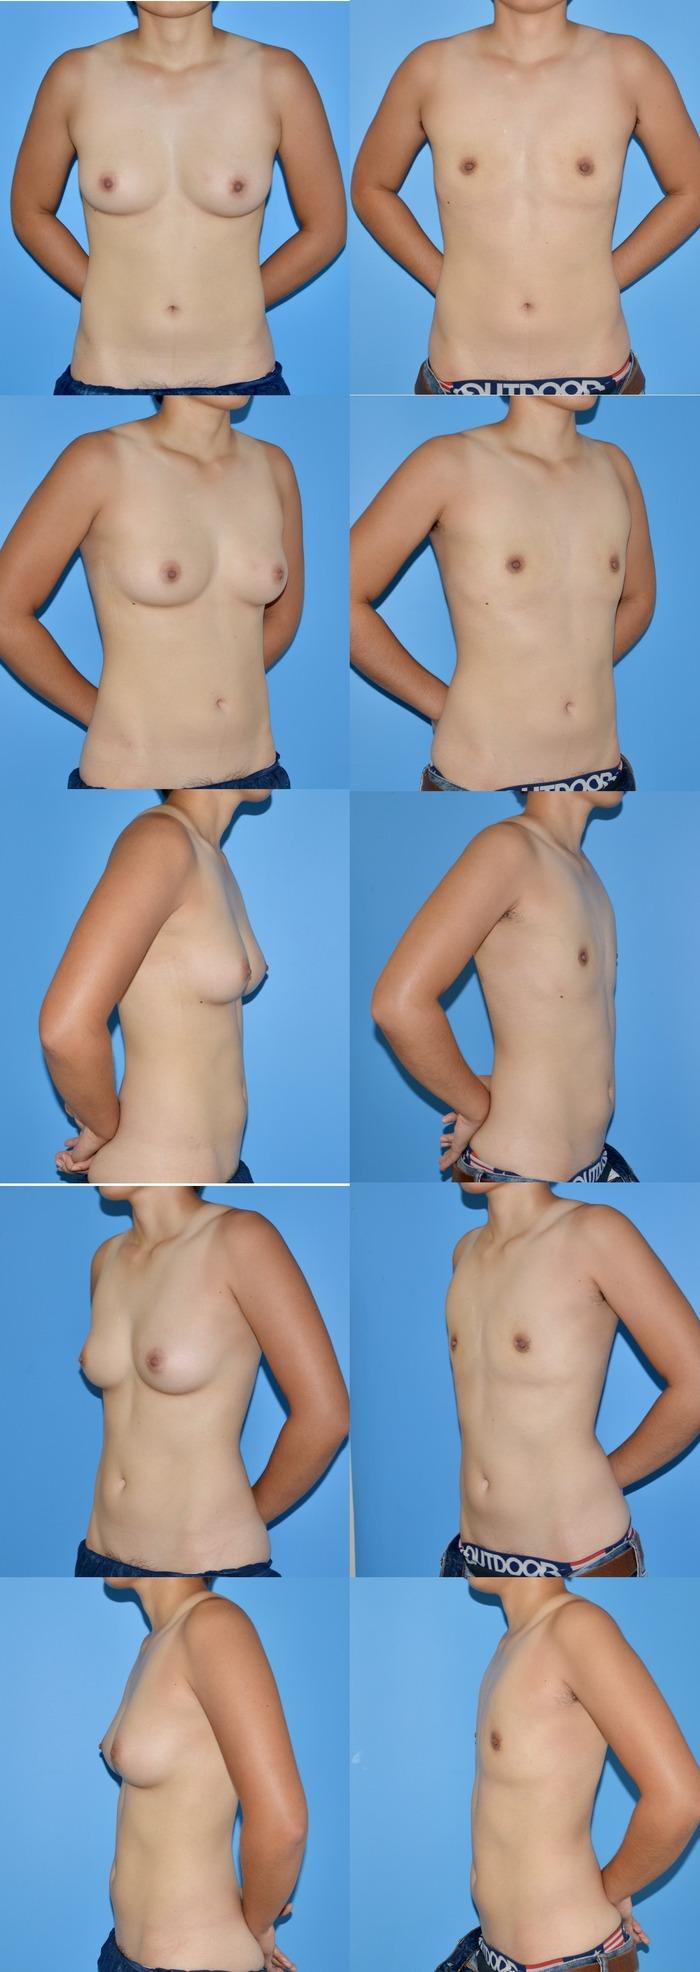 乳腺切除ns 1ヶ月